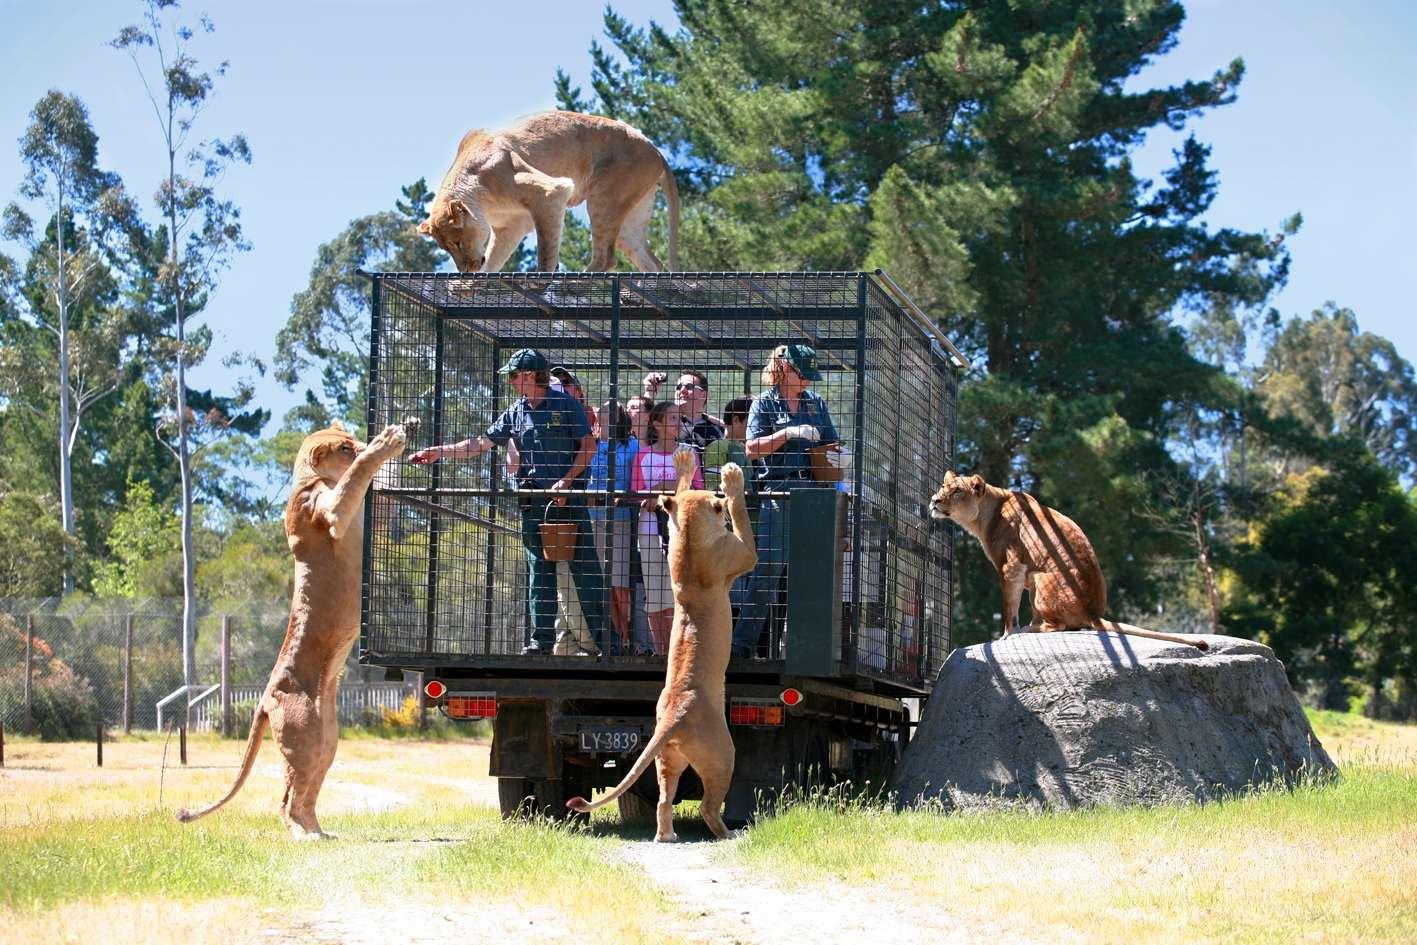 В этом зоопарке посетители в клетках! Животные гуляют на свободе